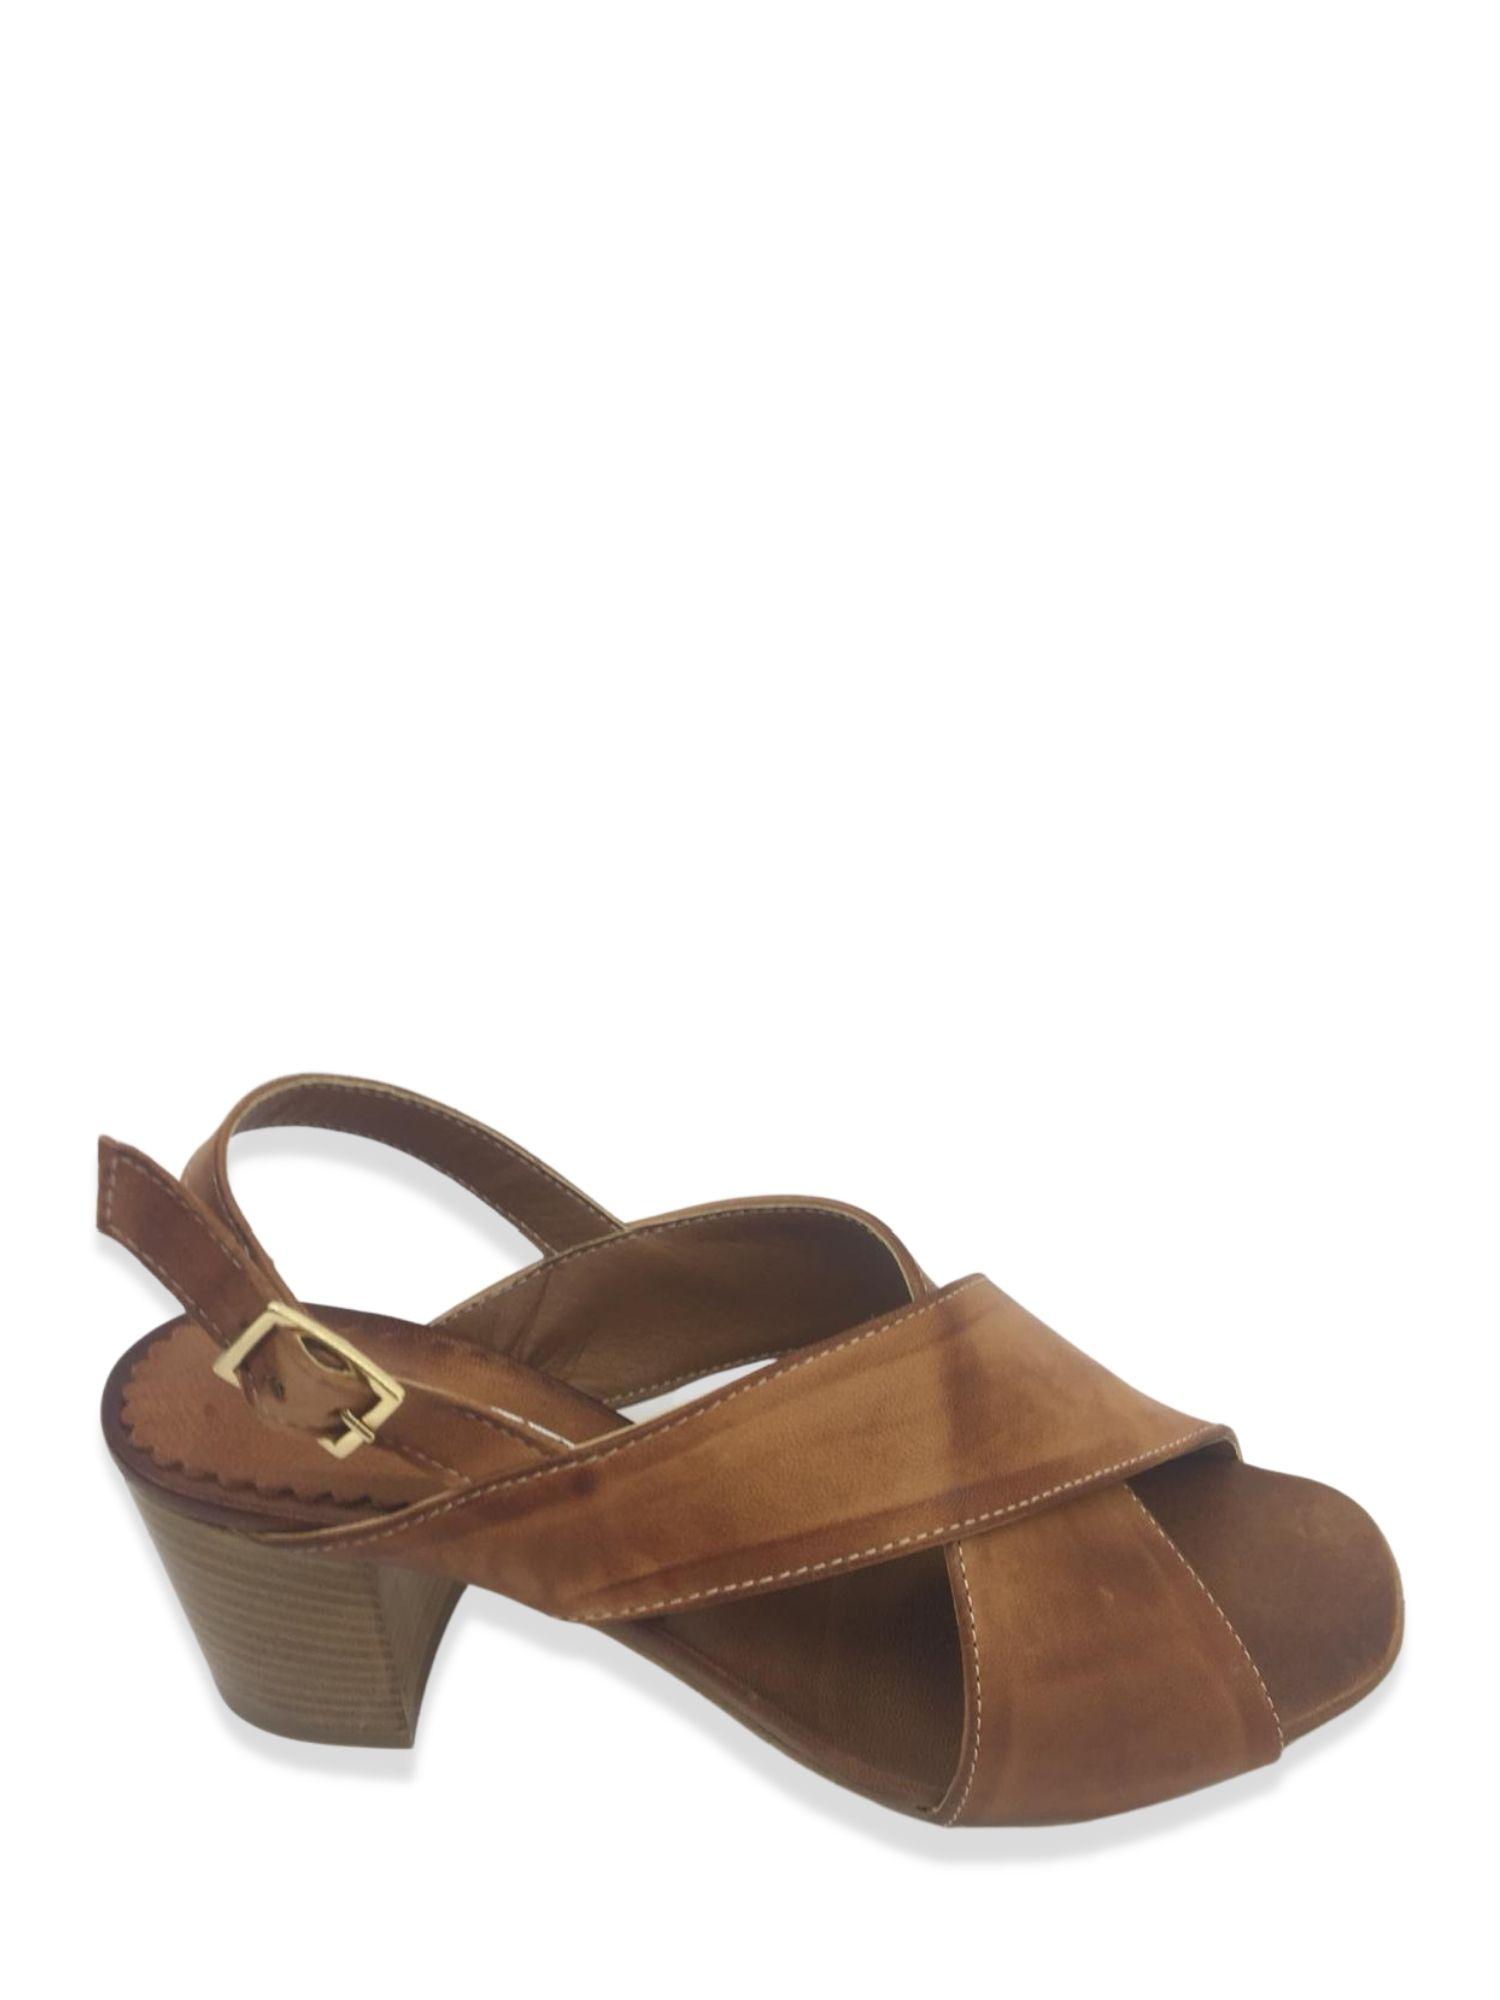 Sandalo Made in Italy 505 Cuoio alto 1